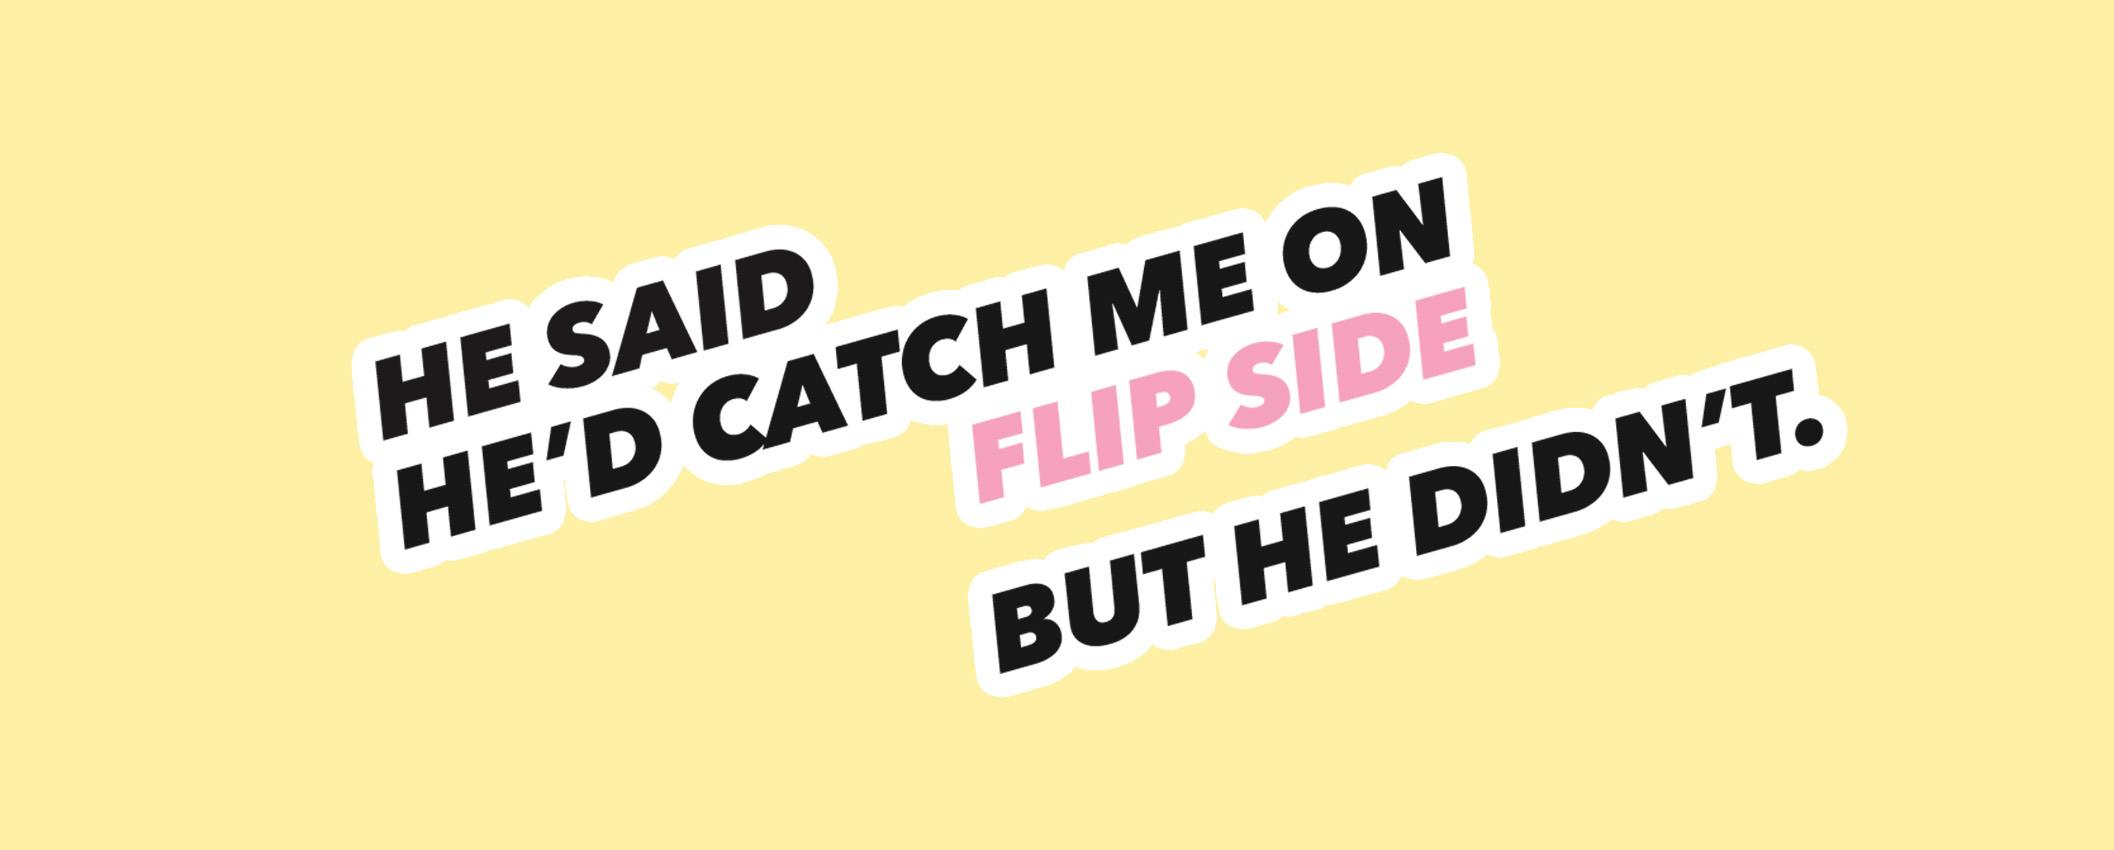 FLIP SIDE.jpg